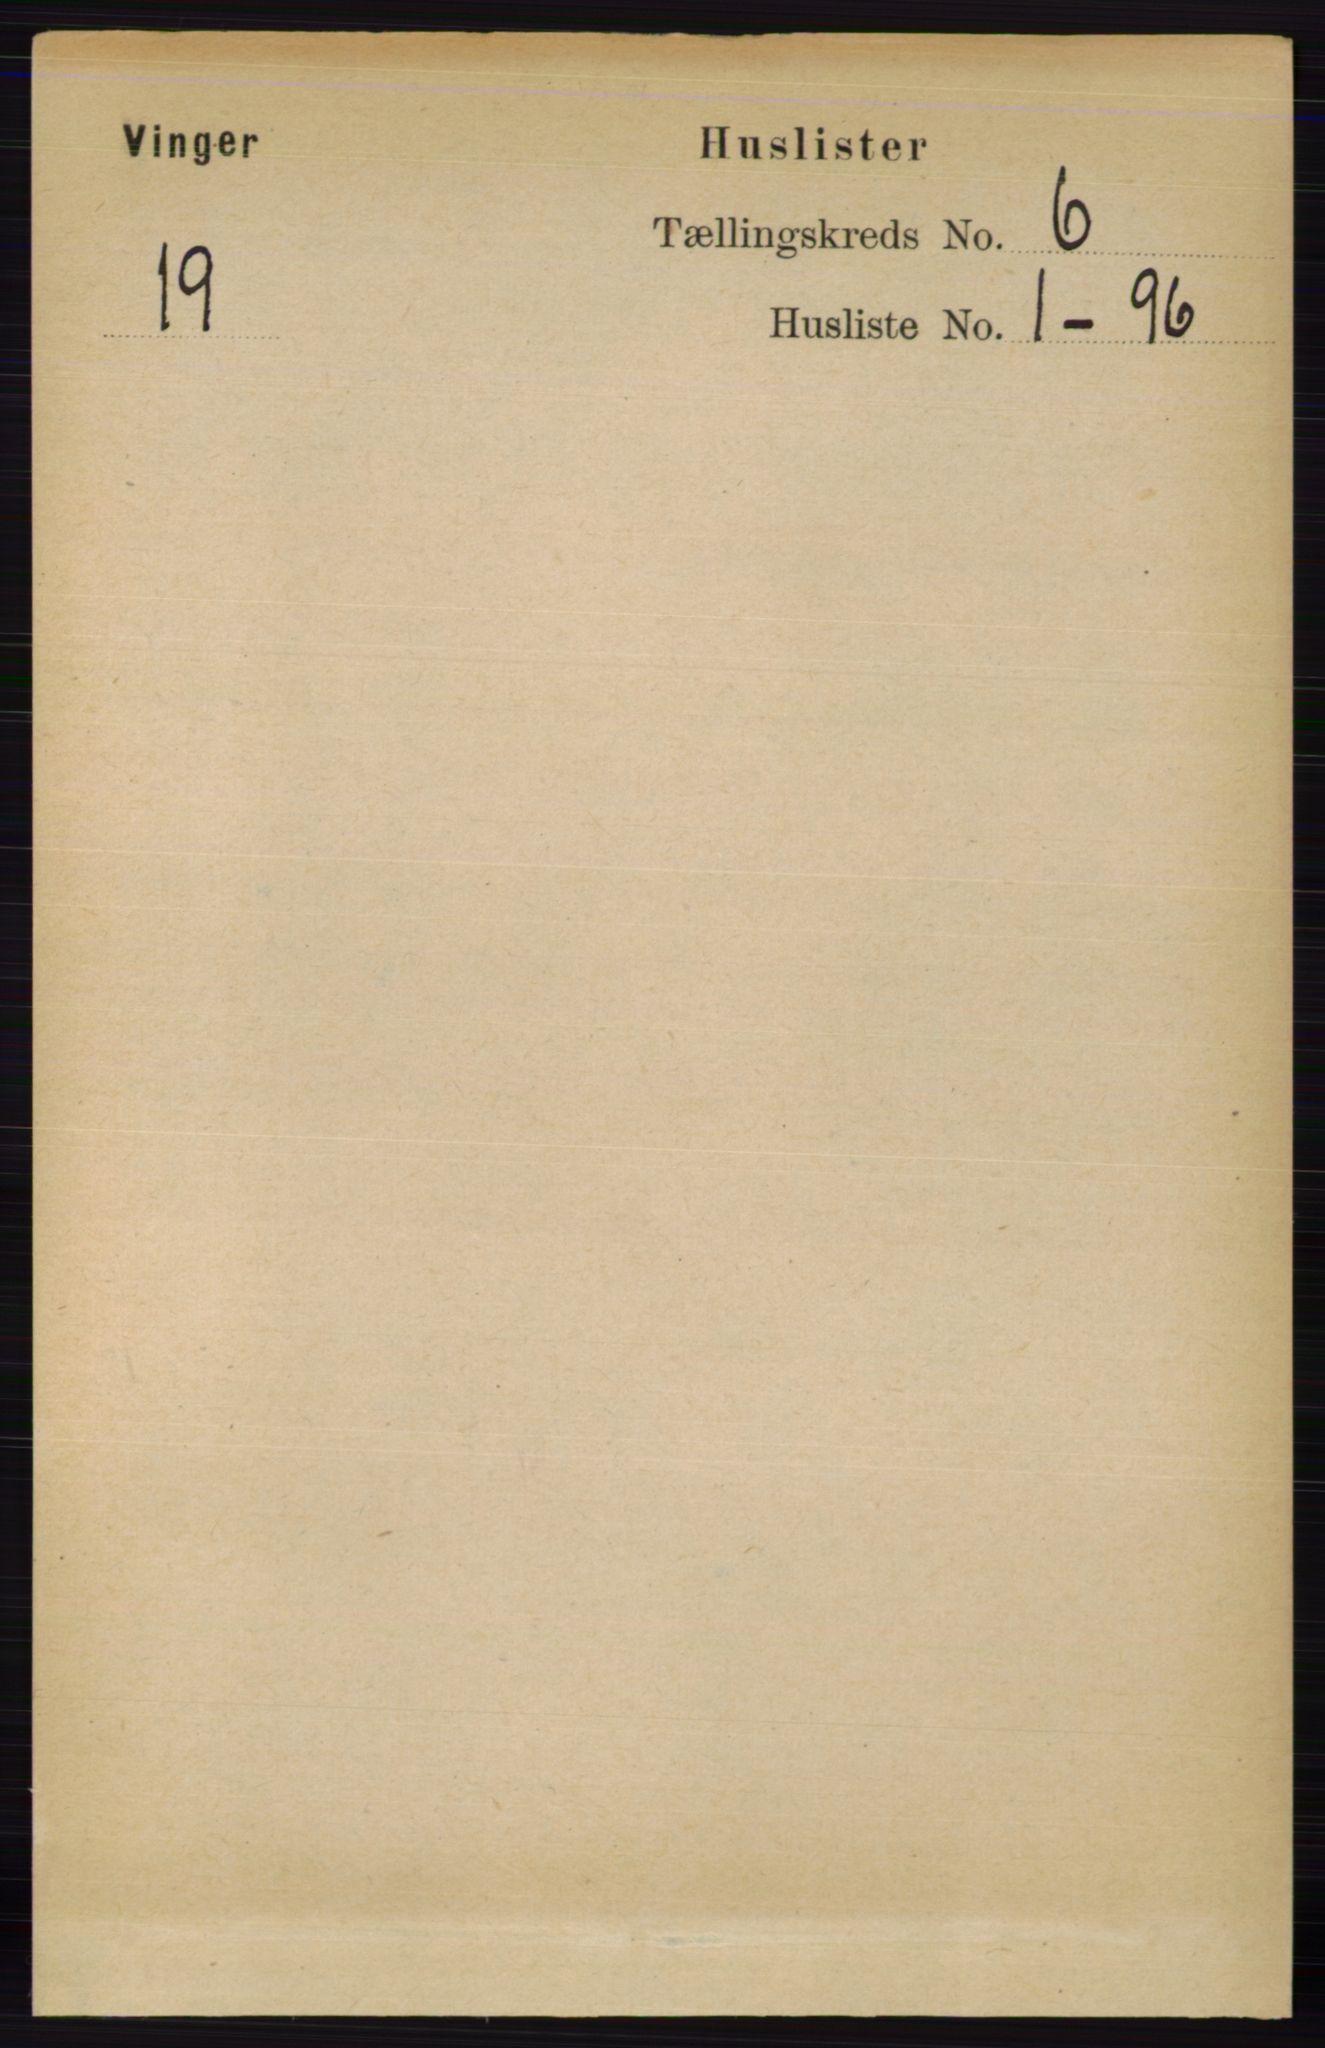 RA, Folketelling 1891 for 0421 Vinger herred, 1891, s. 2508